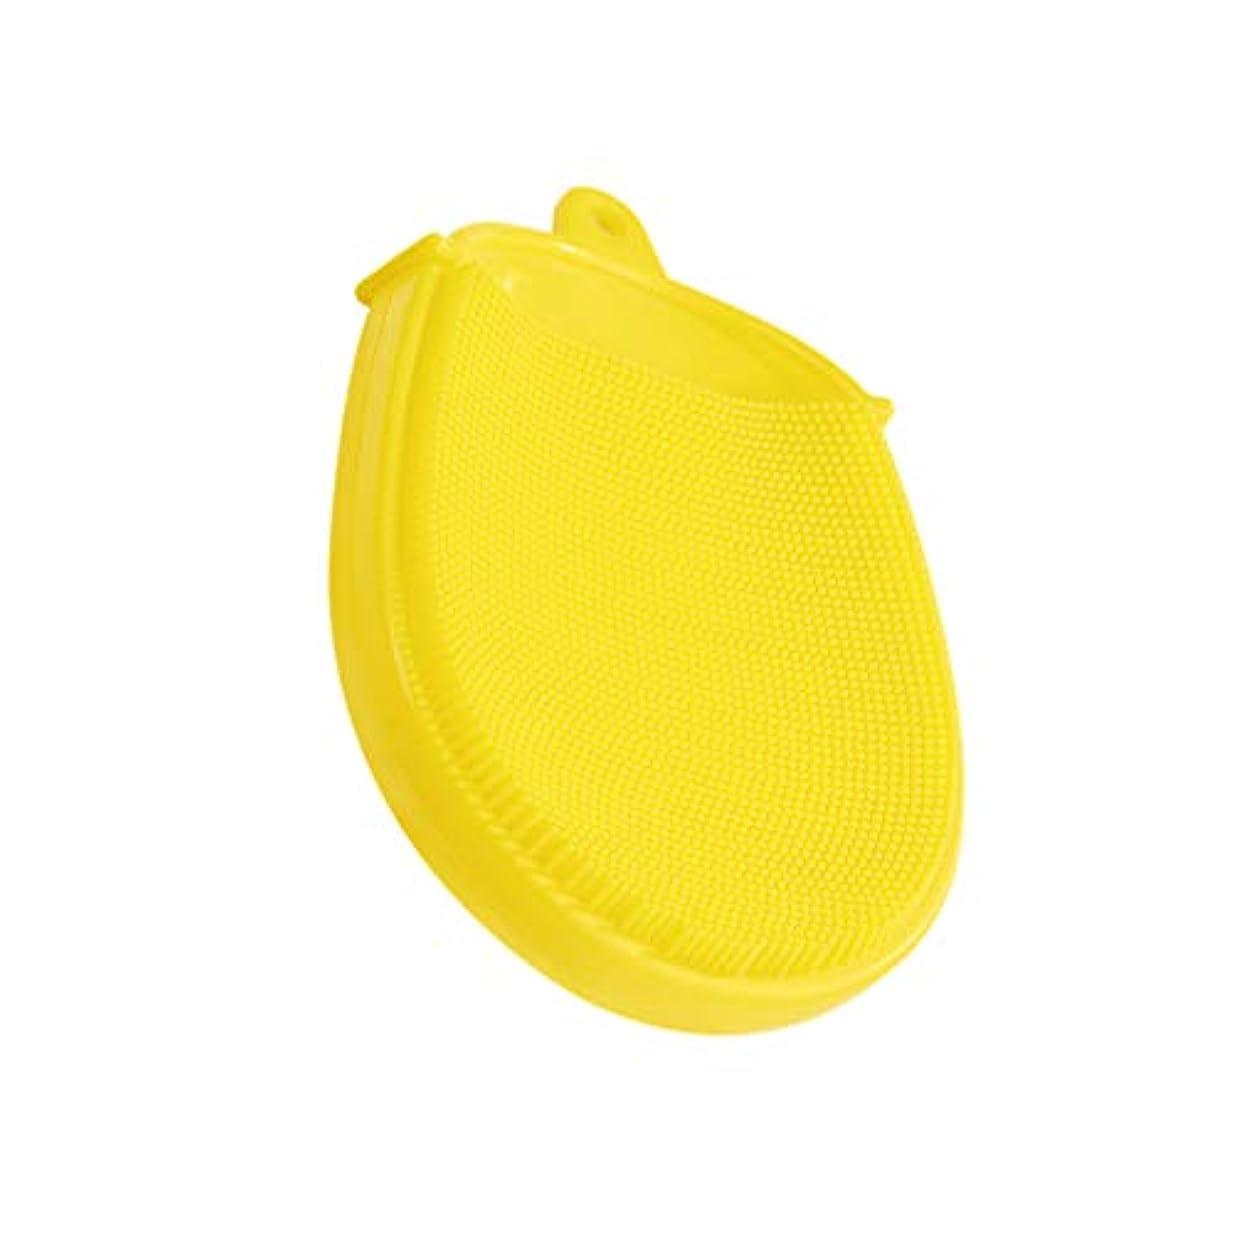 バルク投資する一口Heallily バスブラシシリコンボディブラシソフトマッサージバックブラシクレンジングスクラバーキッズバスアクセサリー(黄色)